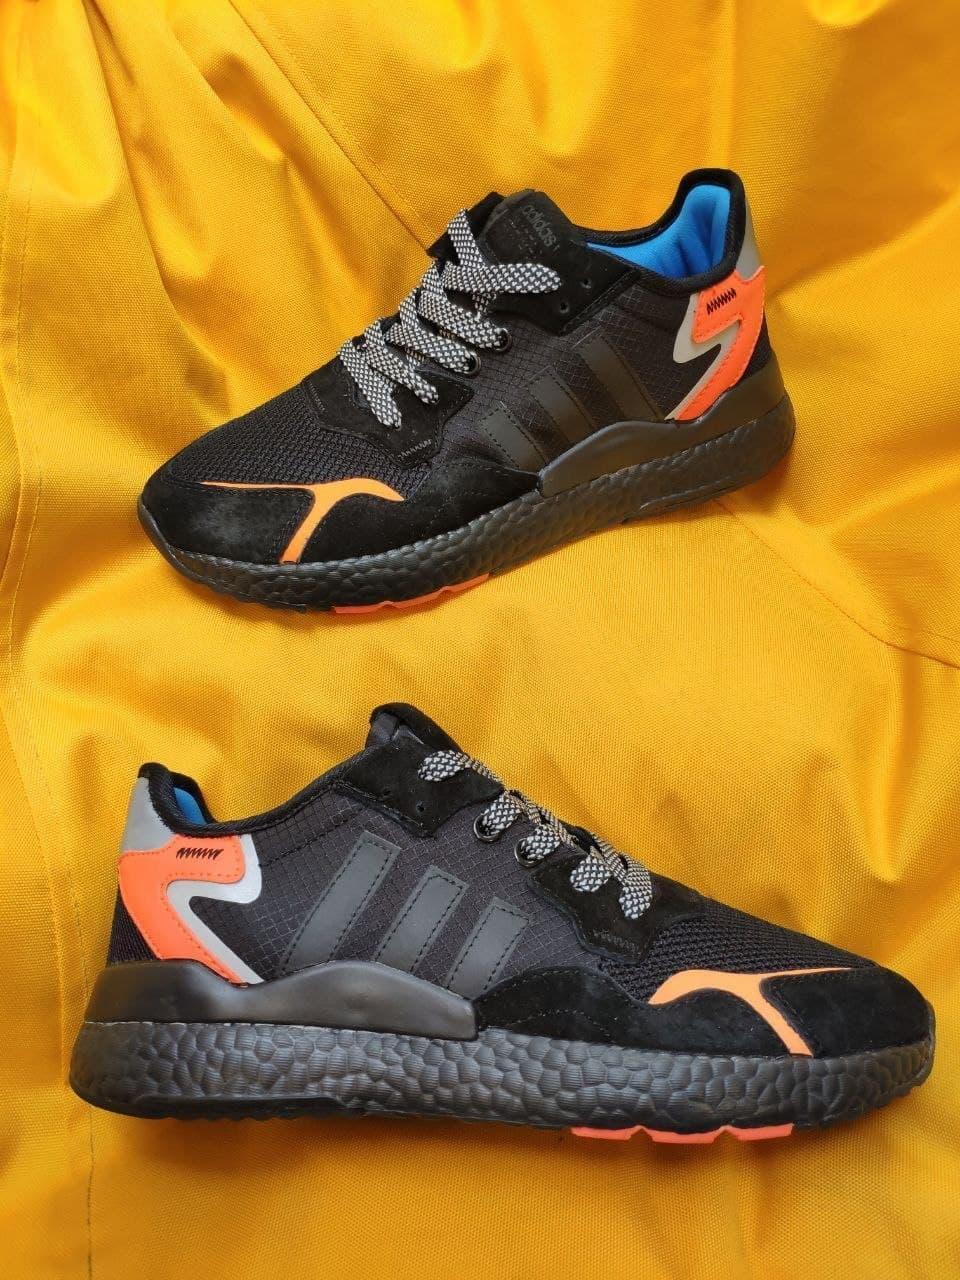 Мужские кроссовки Adidas Nite Jogger 3M (черный с оранжевым) D109 весенние стильные кроссы